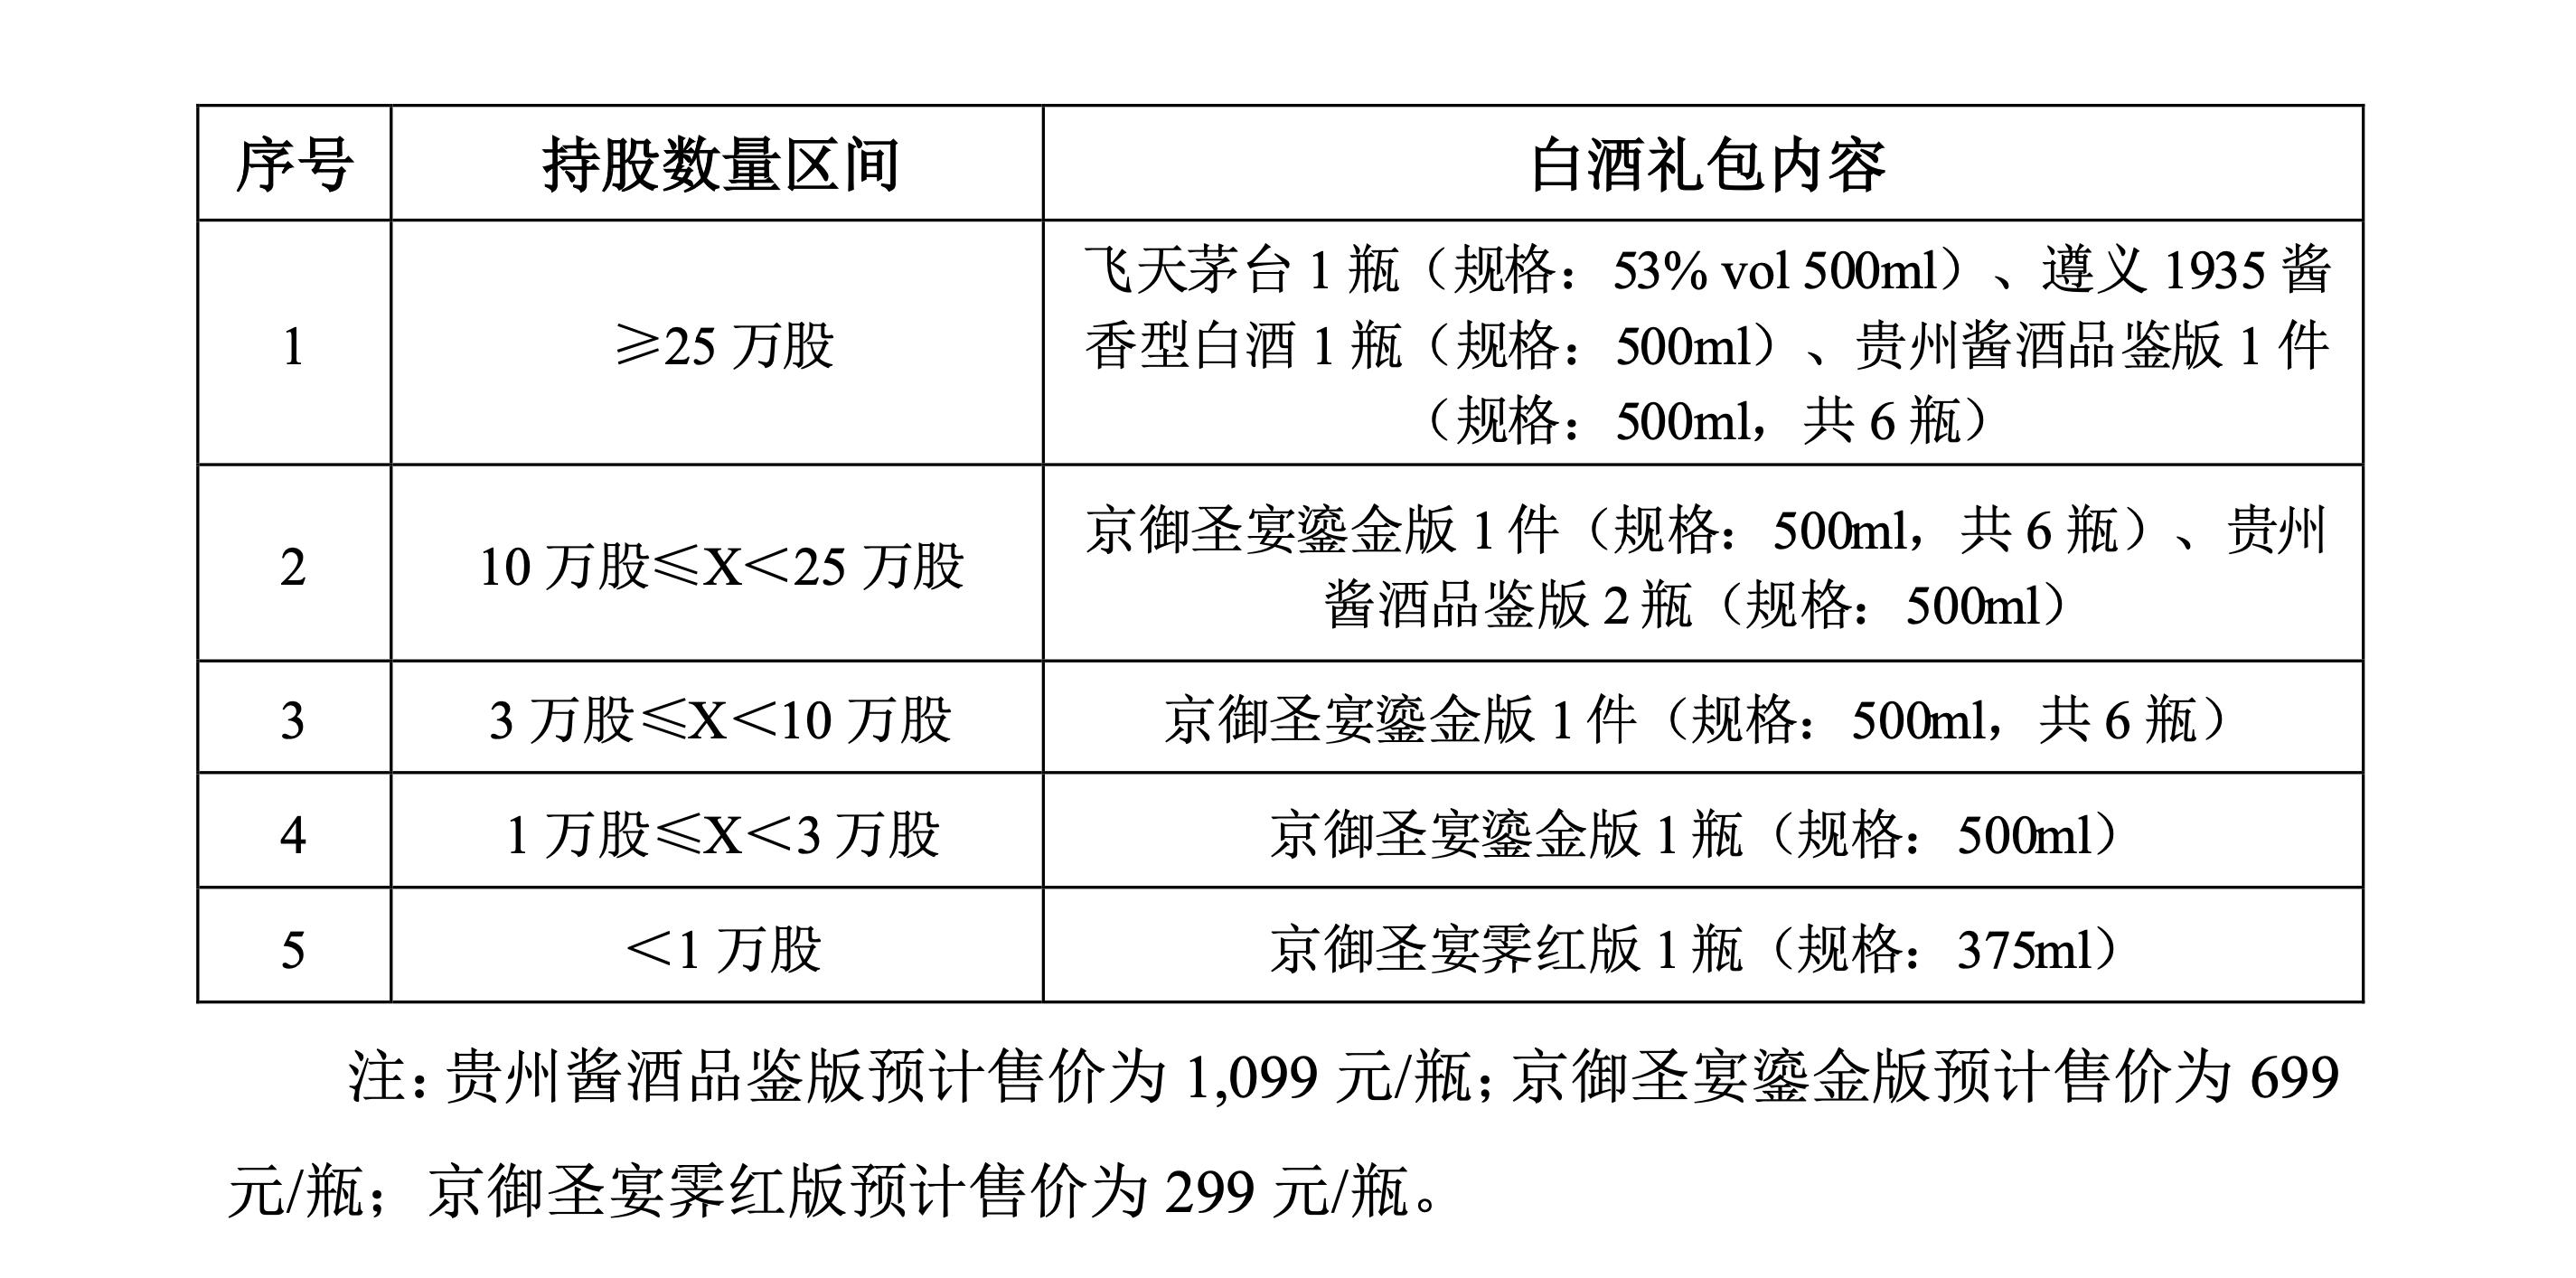 持有吉宏股份25万股送茅台 内部人士:上述礼包为公司自费购买